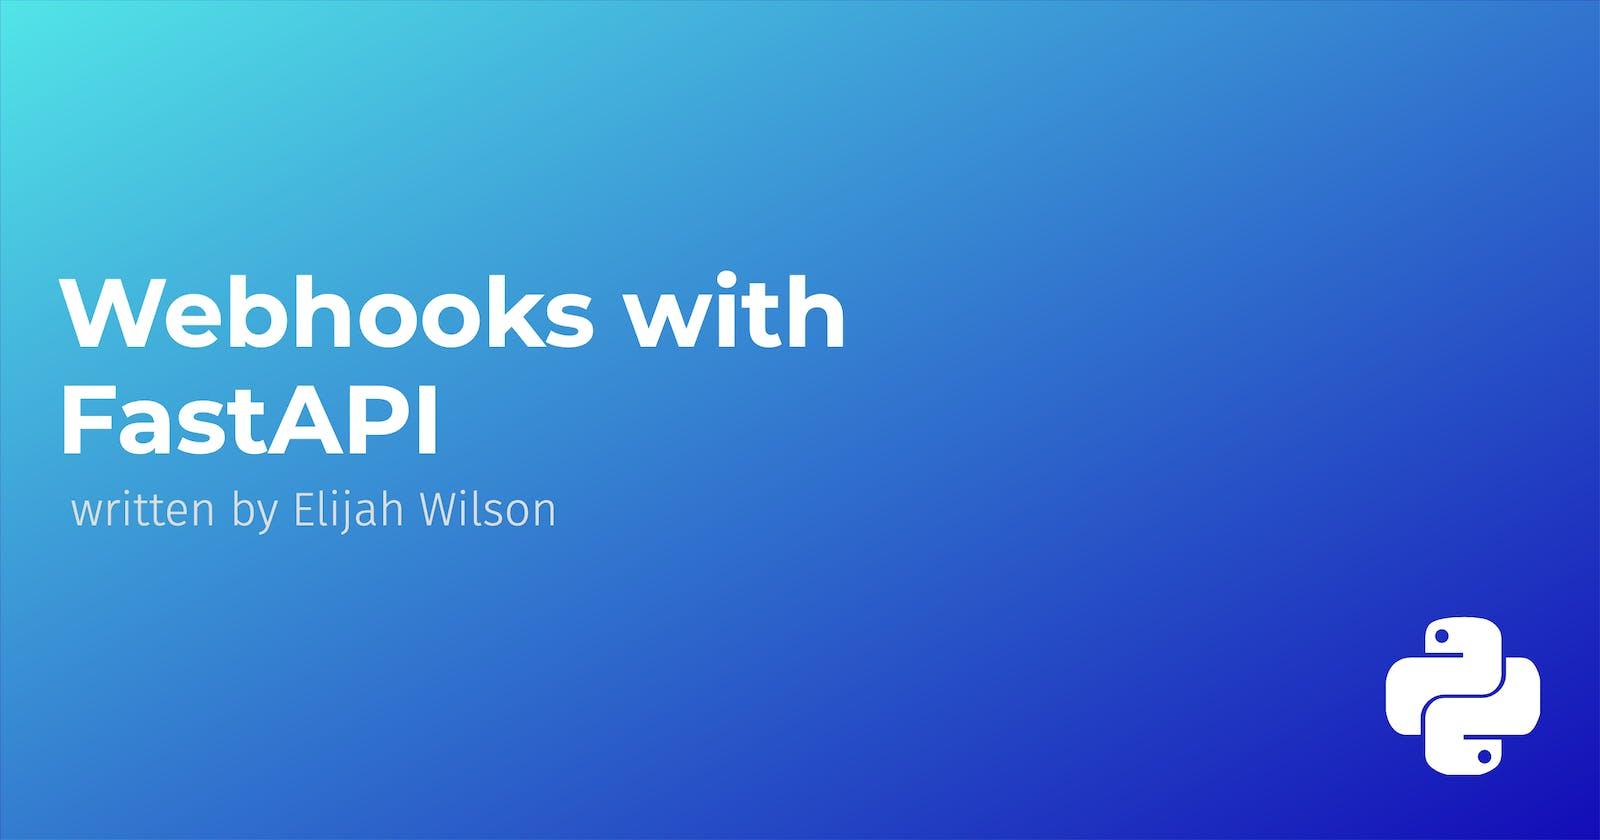 Webhooks with FastAPI